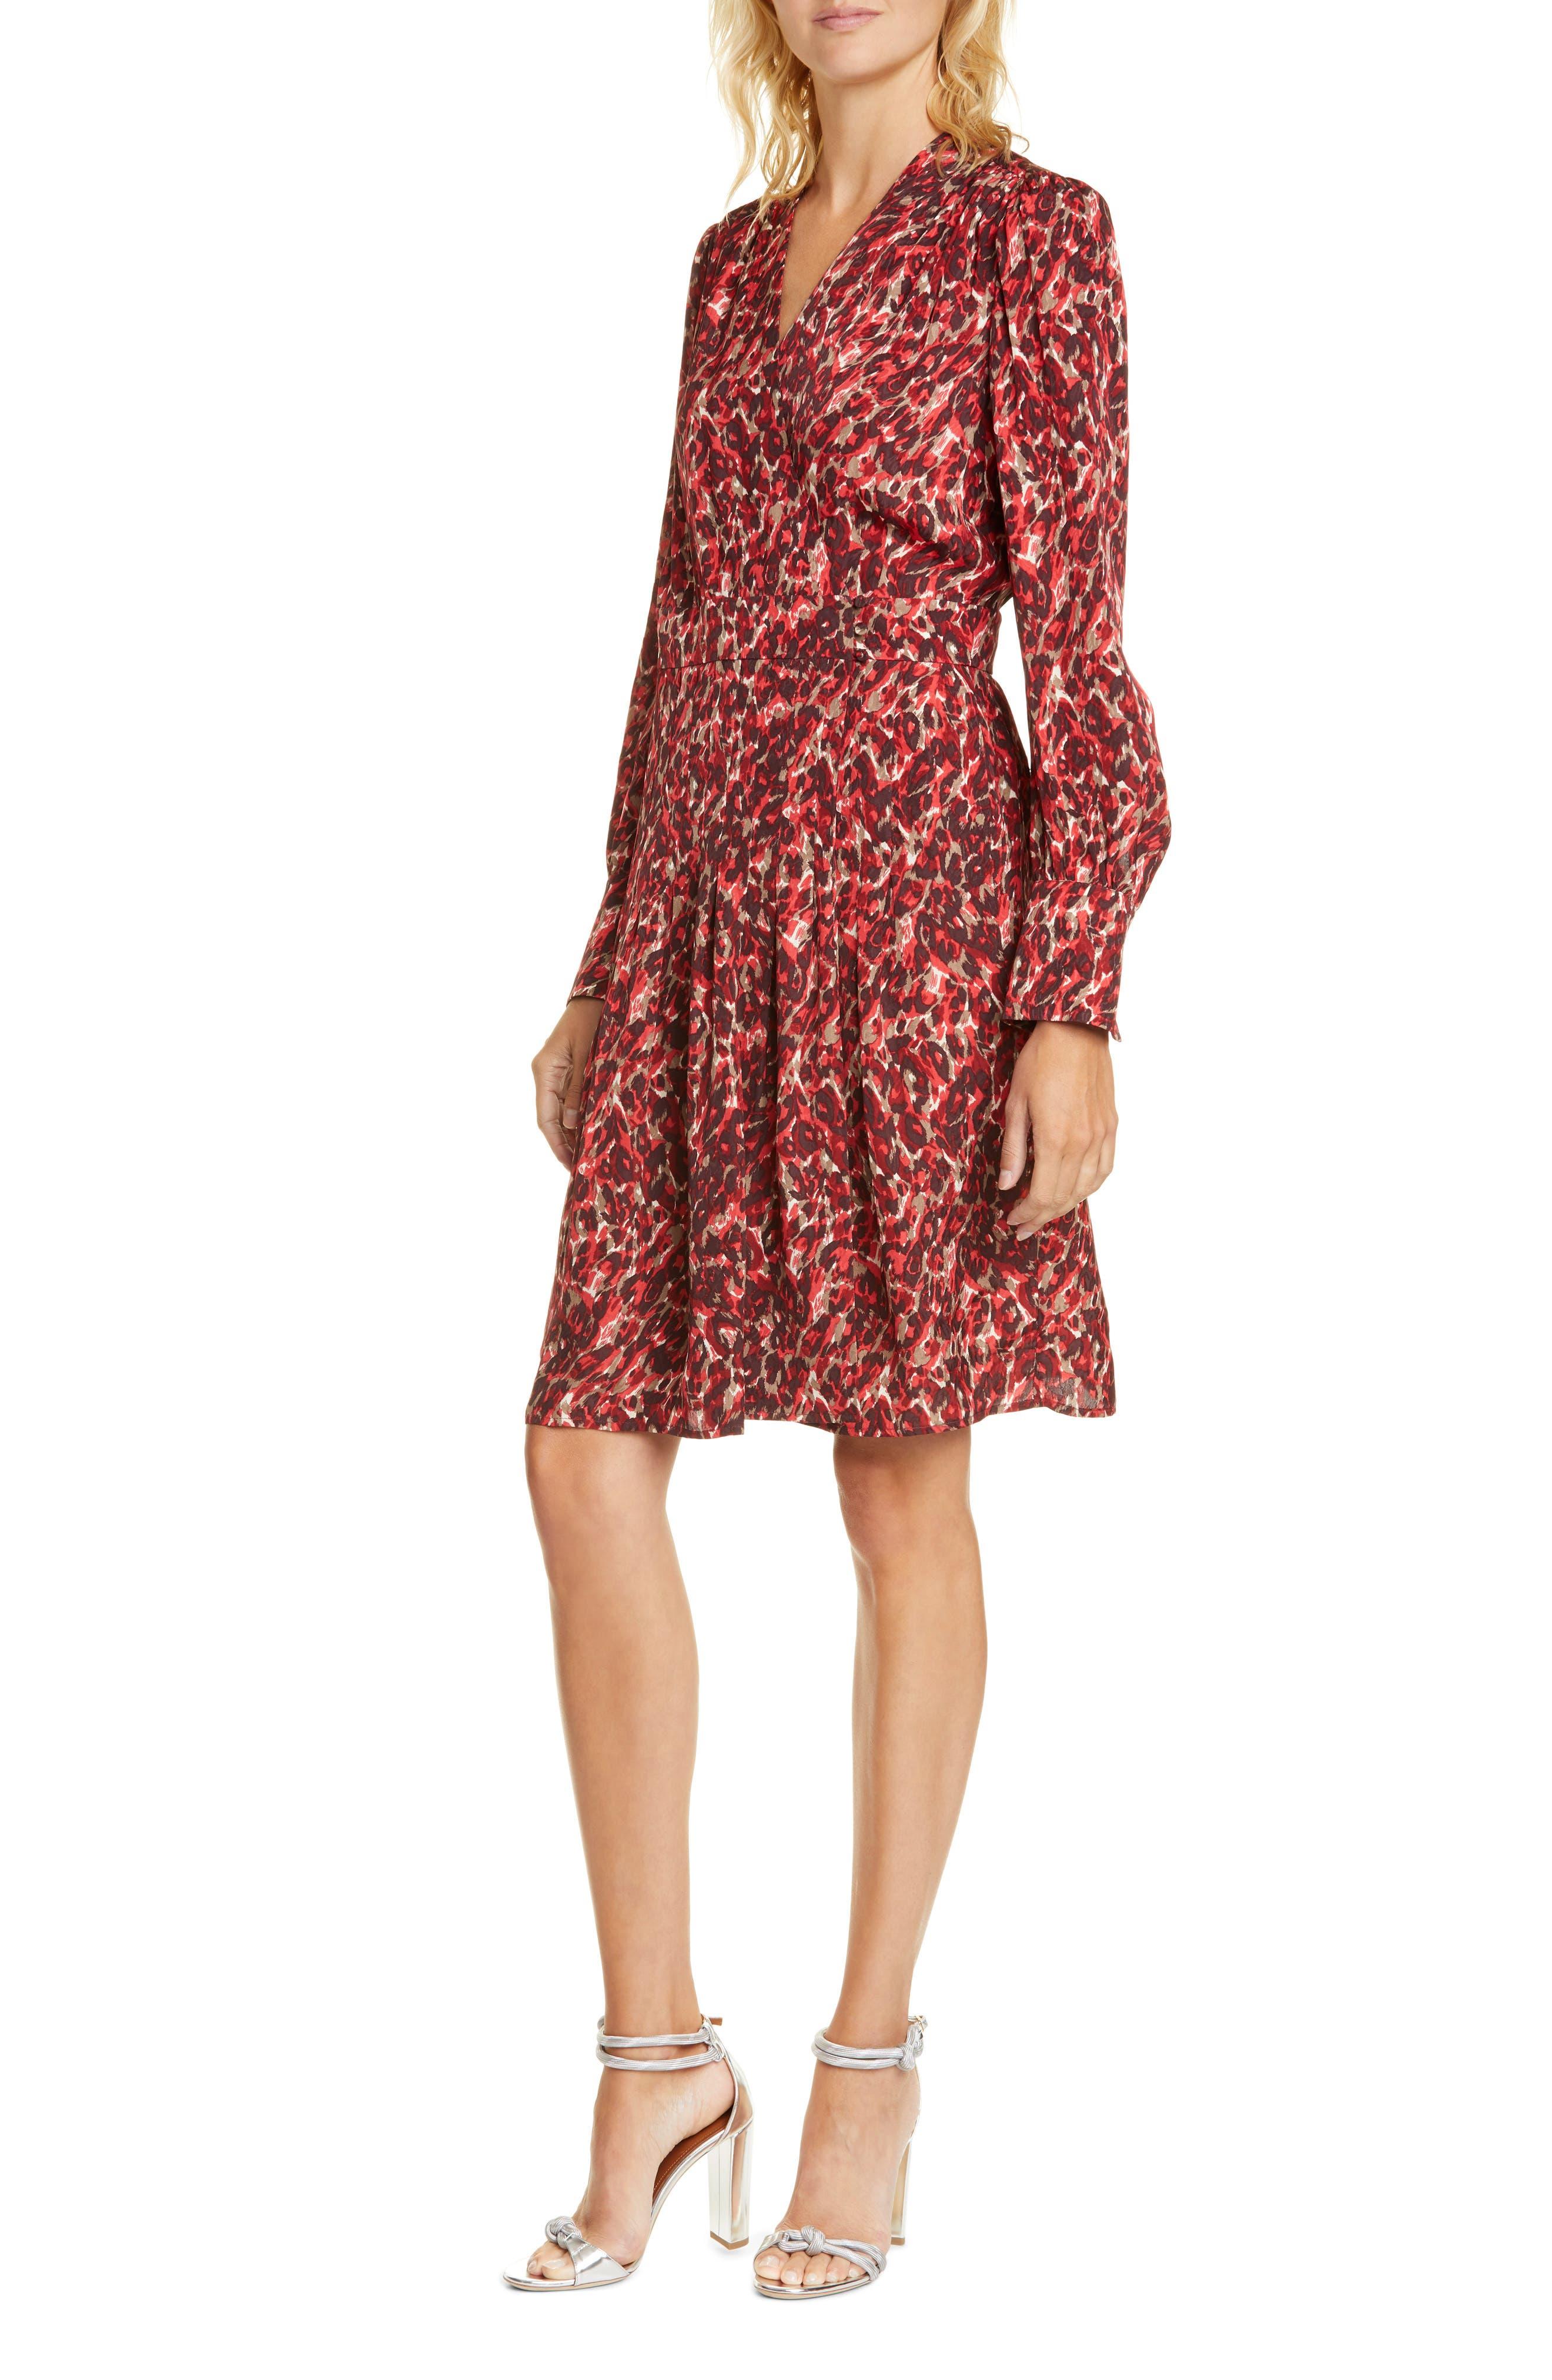 Equipment Dresses Jenesse Print Long Sleeve Dress